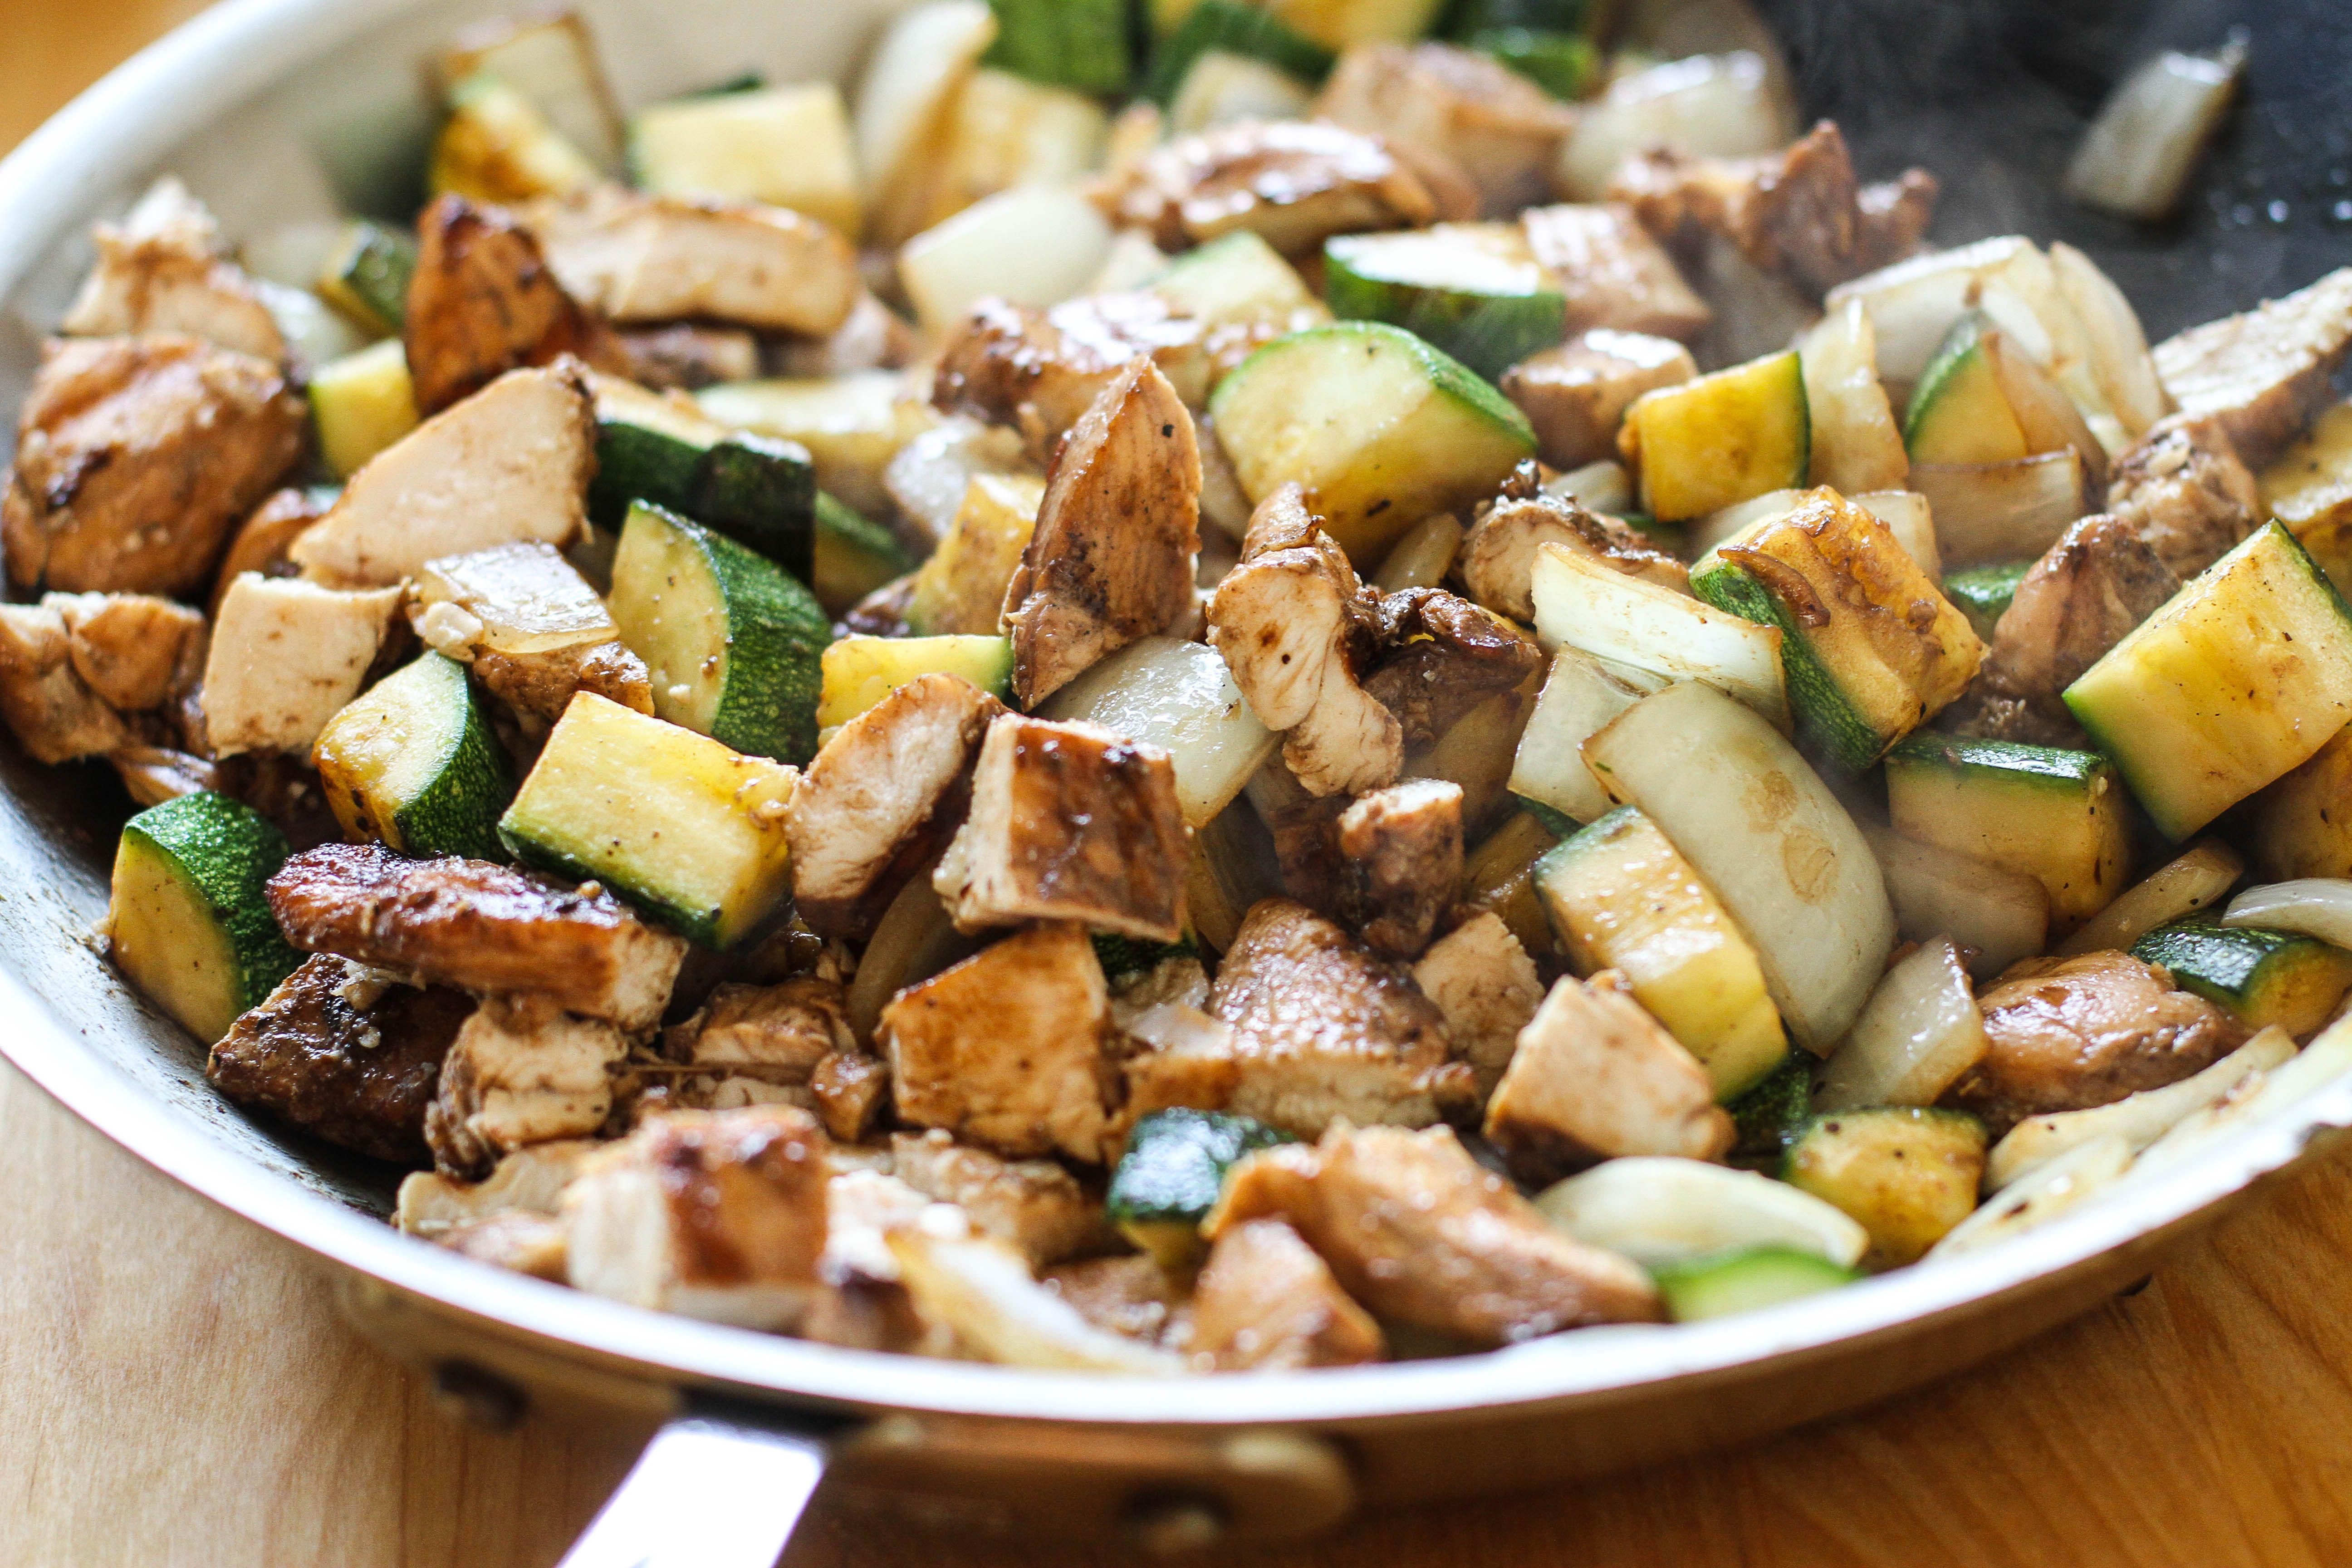 How To Make Homemade Hibachi Chicken And Shrimp Recipe Hibachi Chicken Hibachi Recipes Chicken And Shrimp Recipes